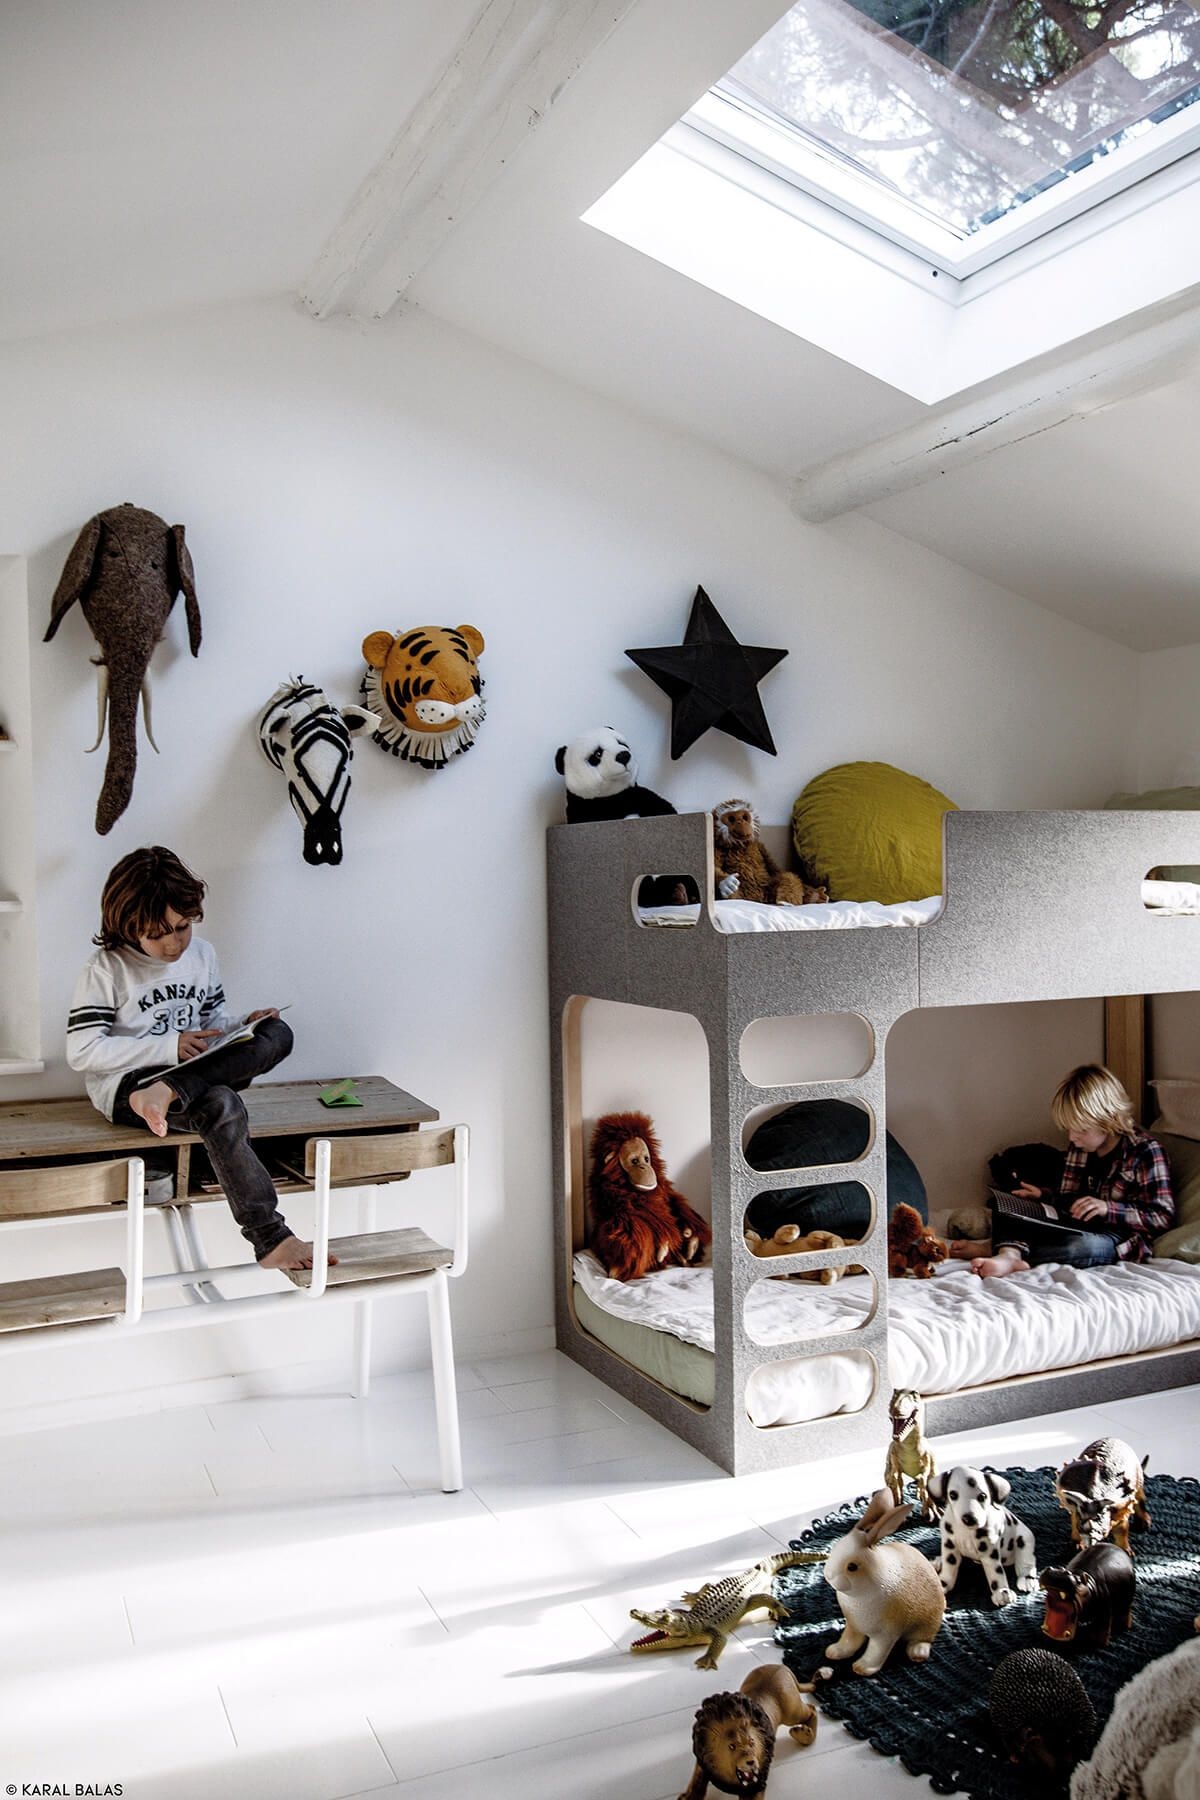 comment amnager une chambre pour deux enfants frenchyfancy